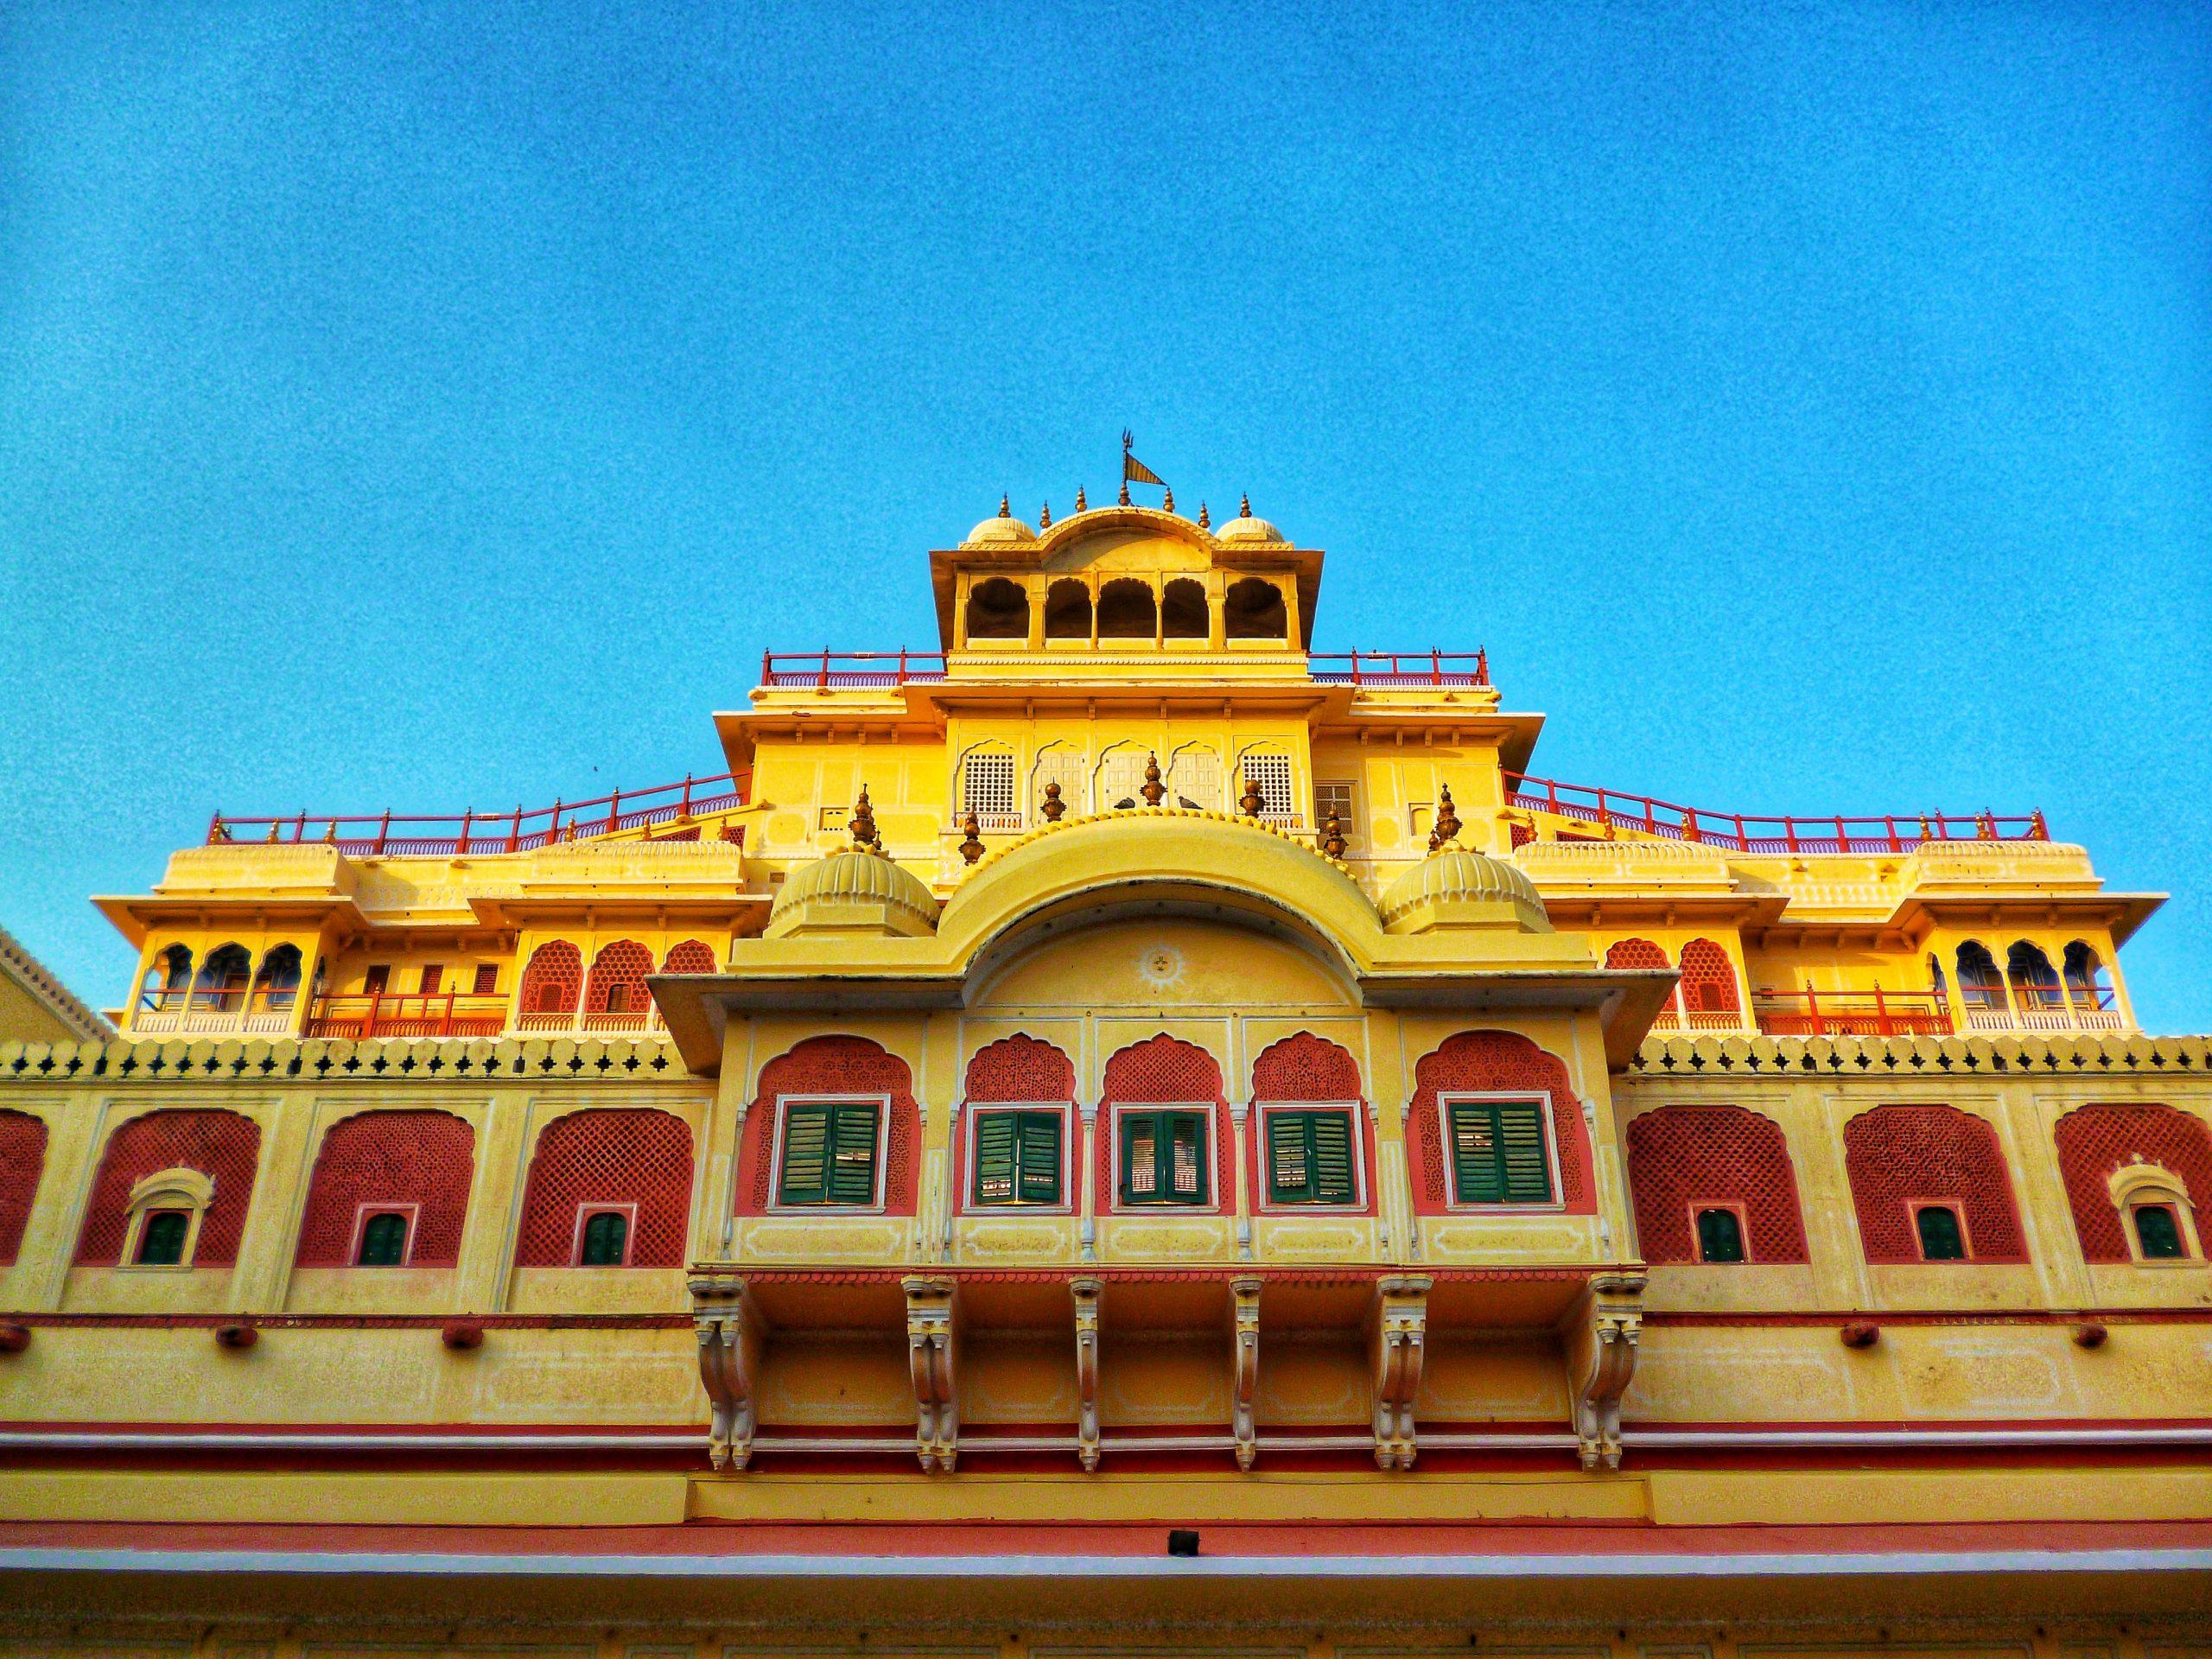 Beautiful Fort of Jaipur